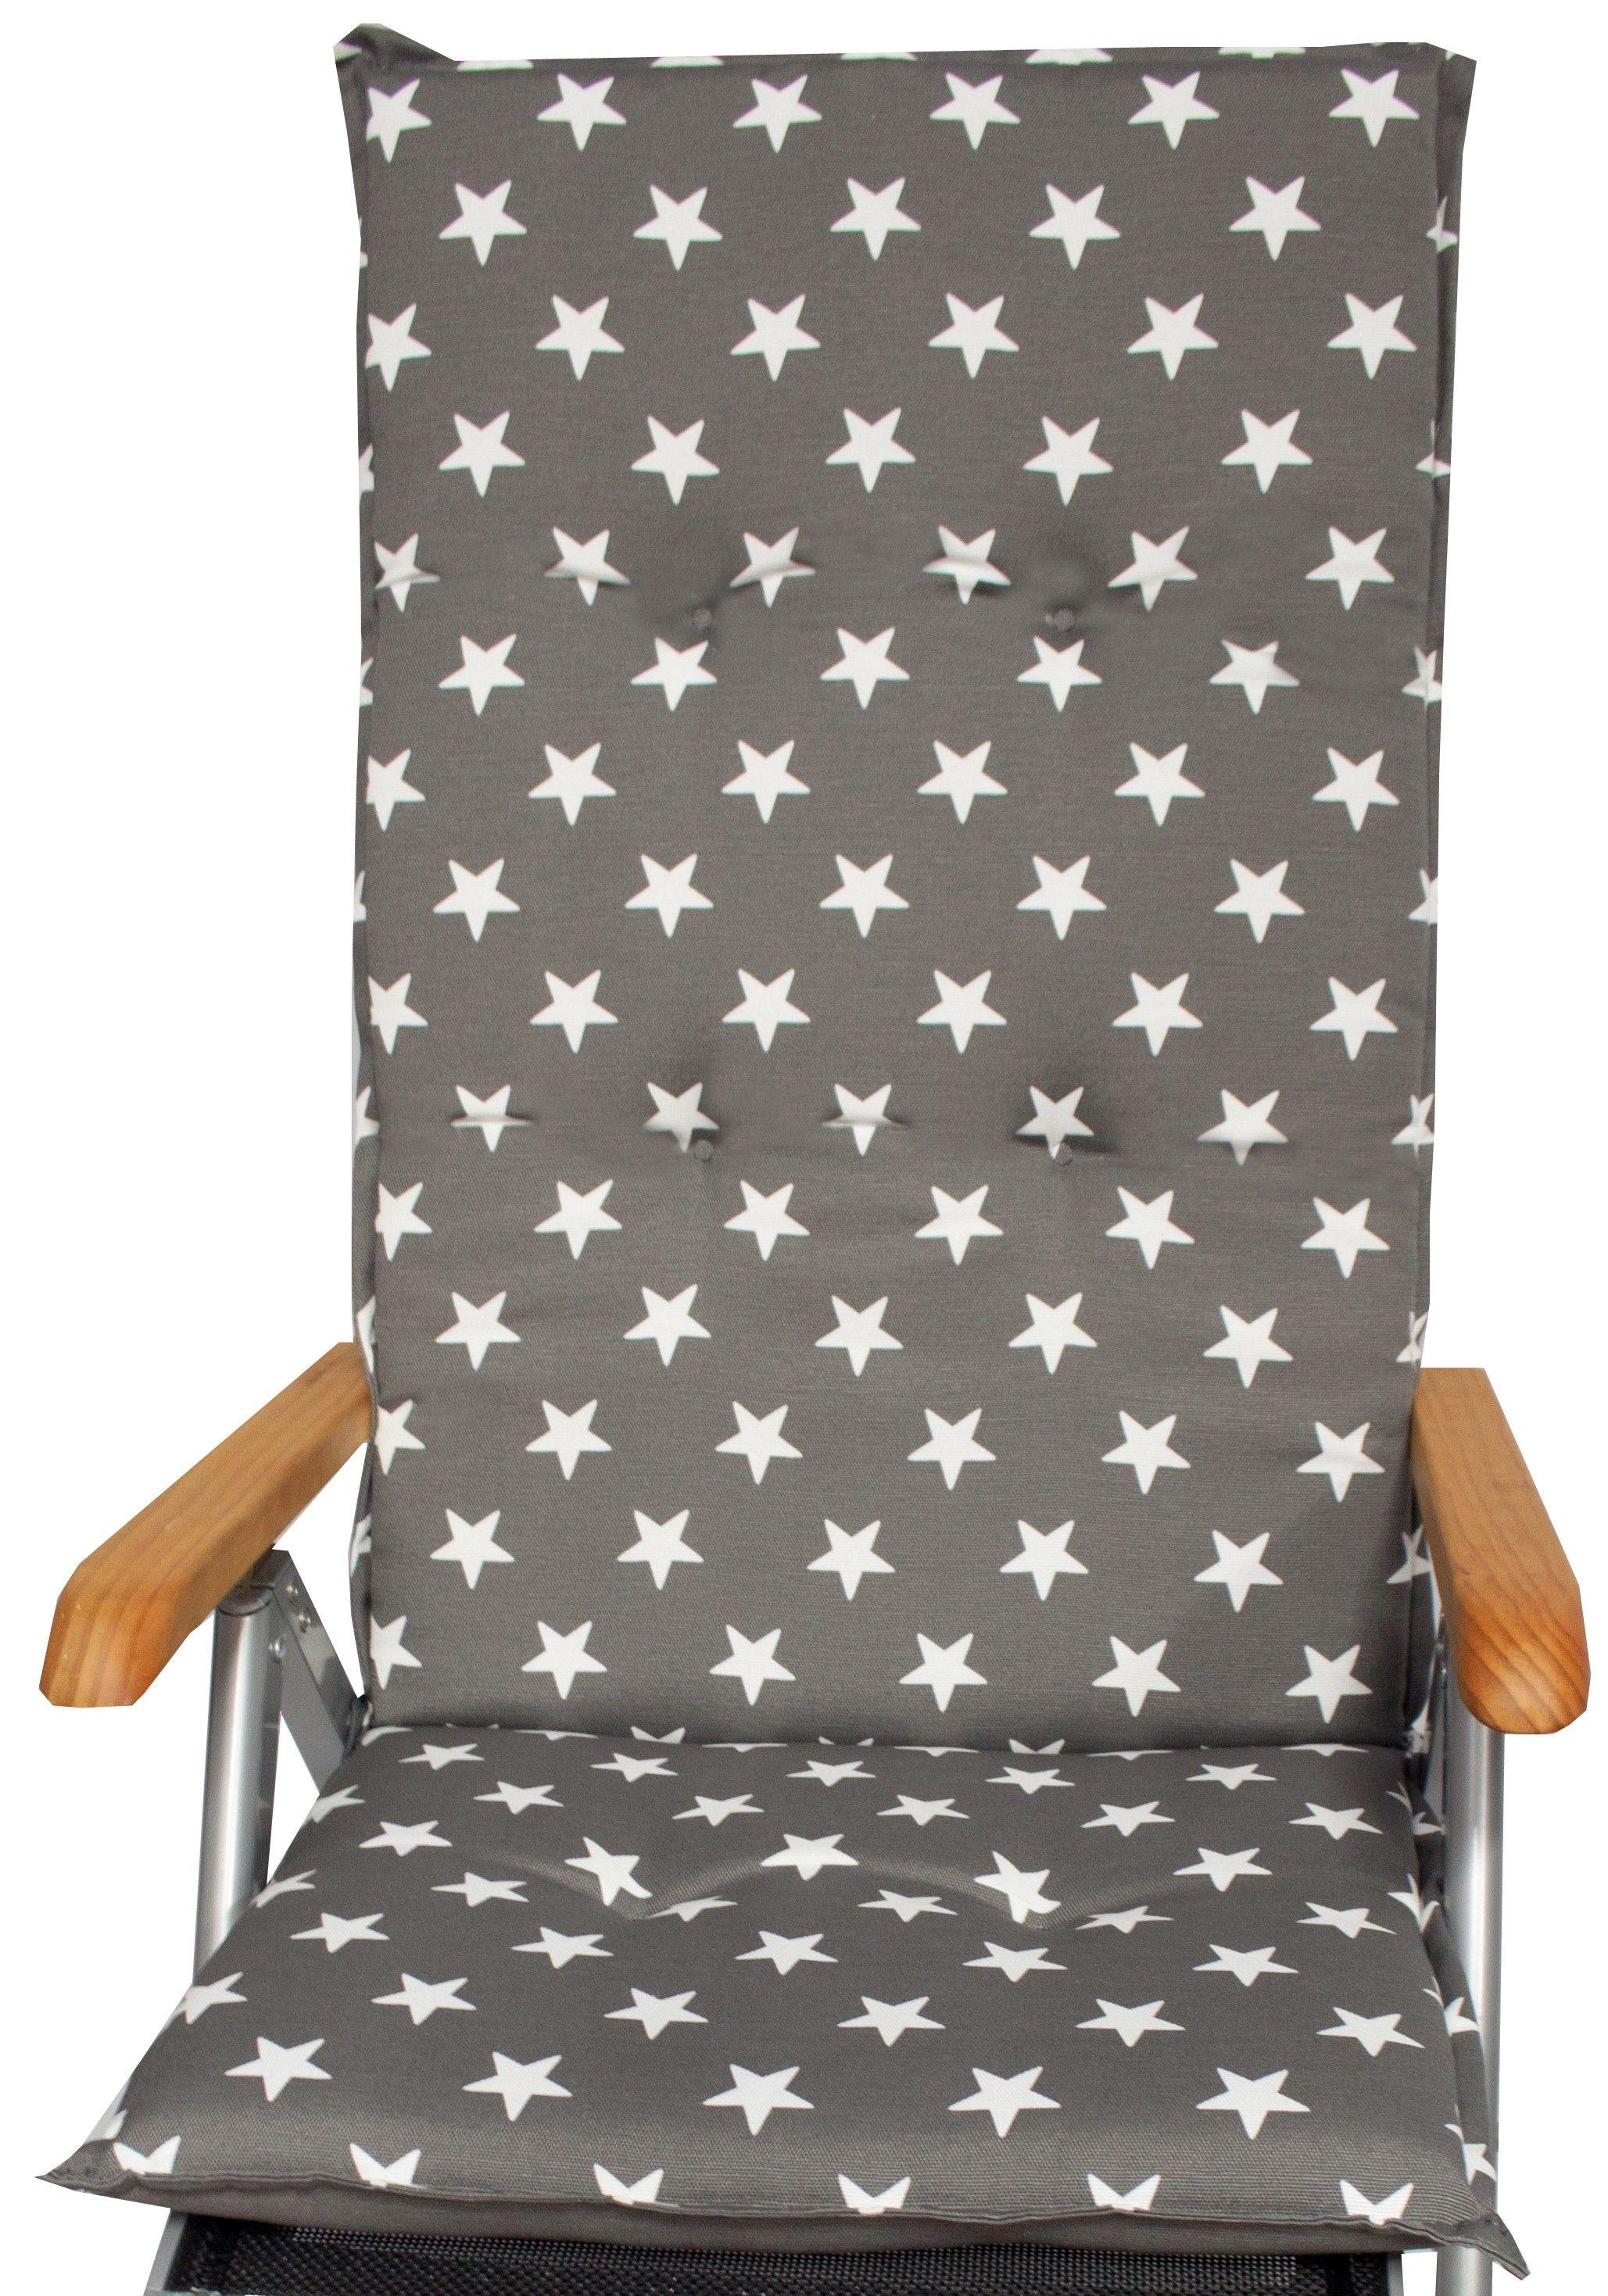 Sterne Weiss Gartenstuhlauflage Fur Hochlehner In Grau Lounge Kissen Gartenstuhle Gartenmobel